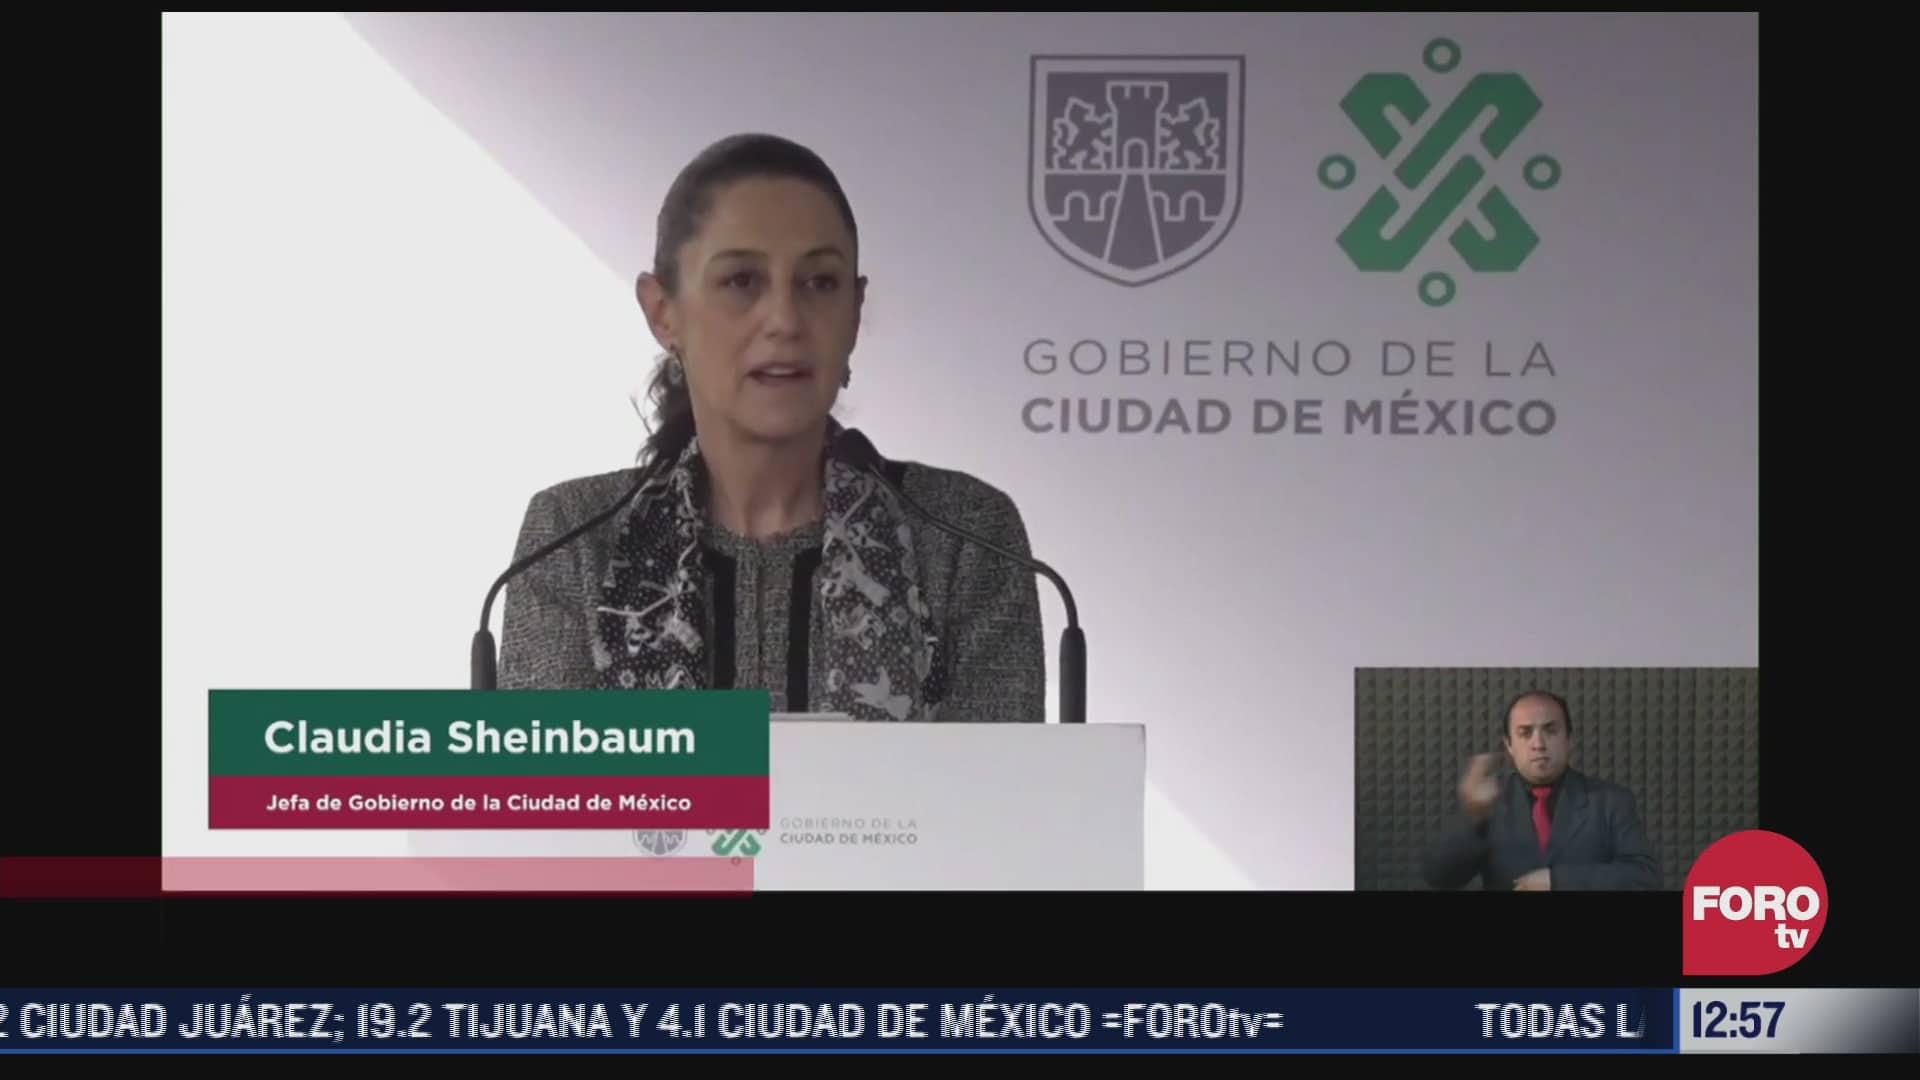 Encabeza Sheinbaum graduación en la Universidad de la Policía